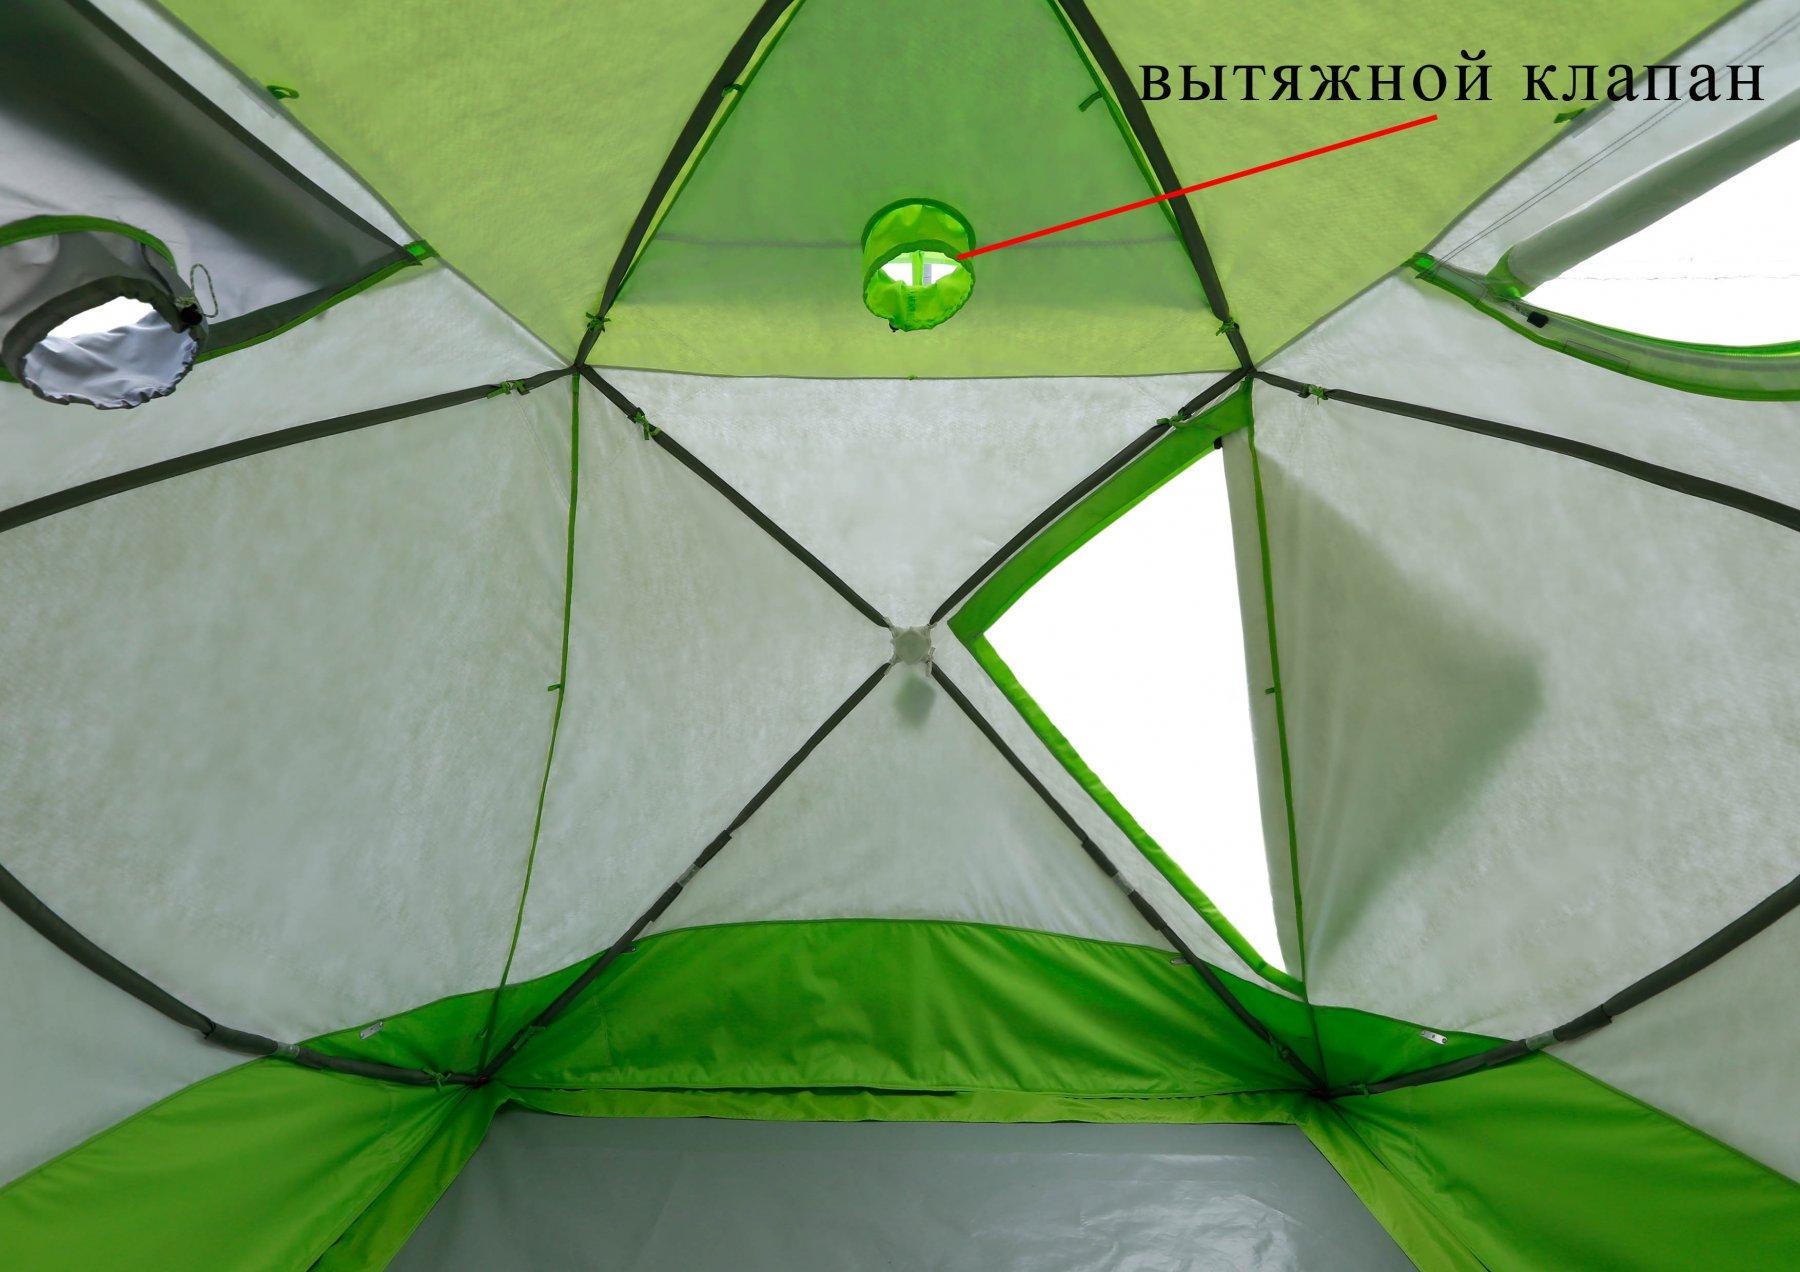 Утепленная палатка ЛОТОС Куб 4 Компакт Термо (лонг) с системой компактного сложения (вид изнутри 1)